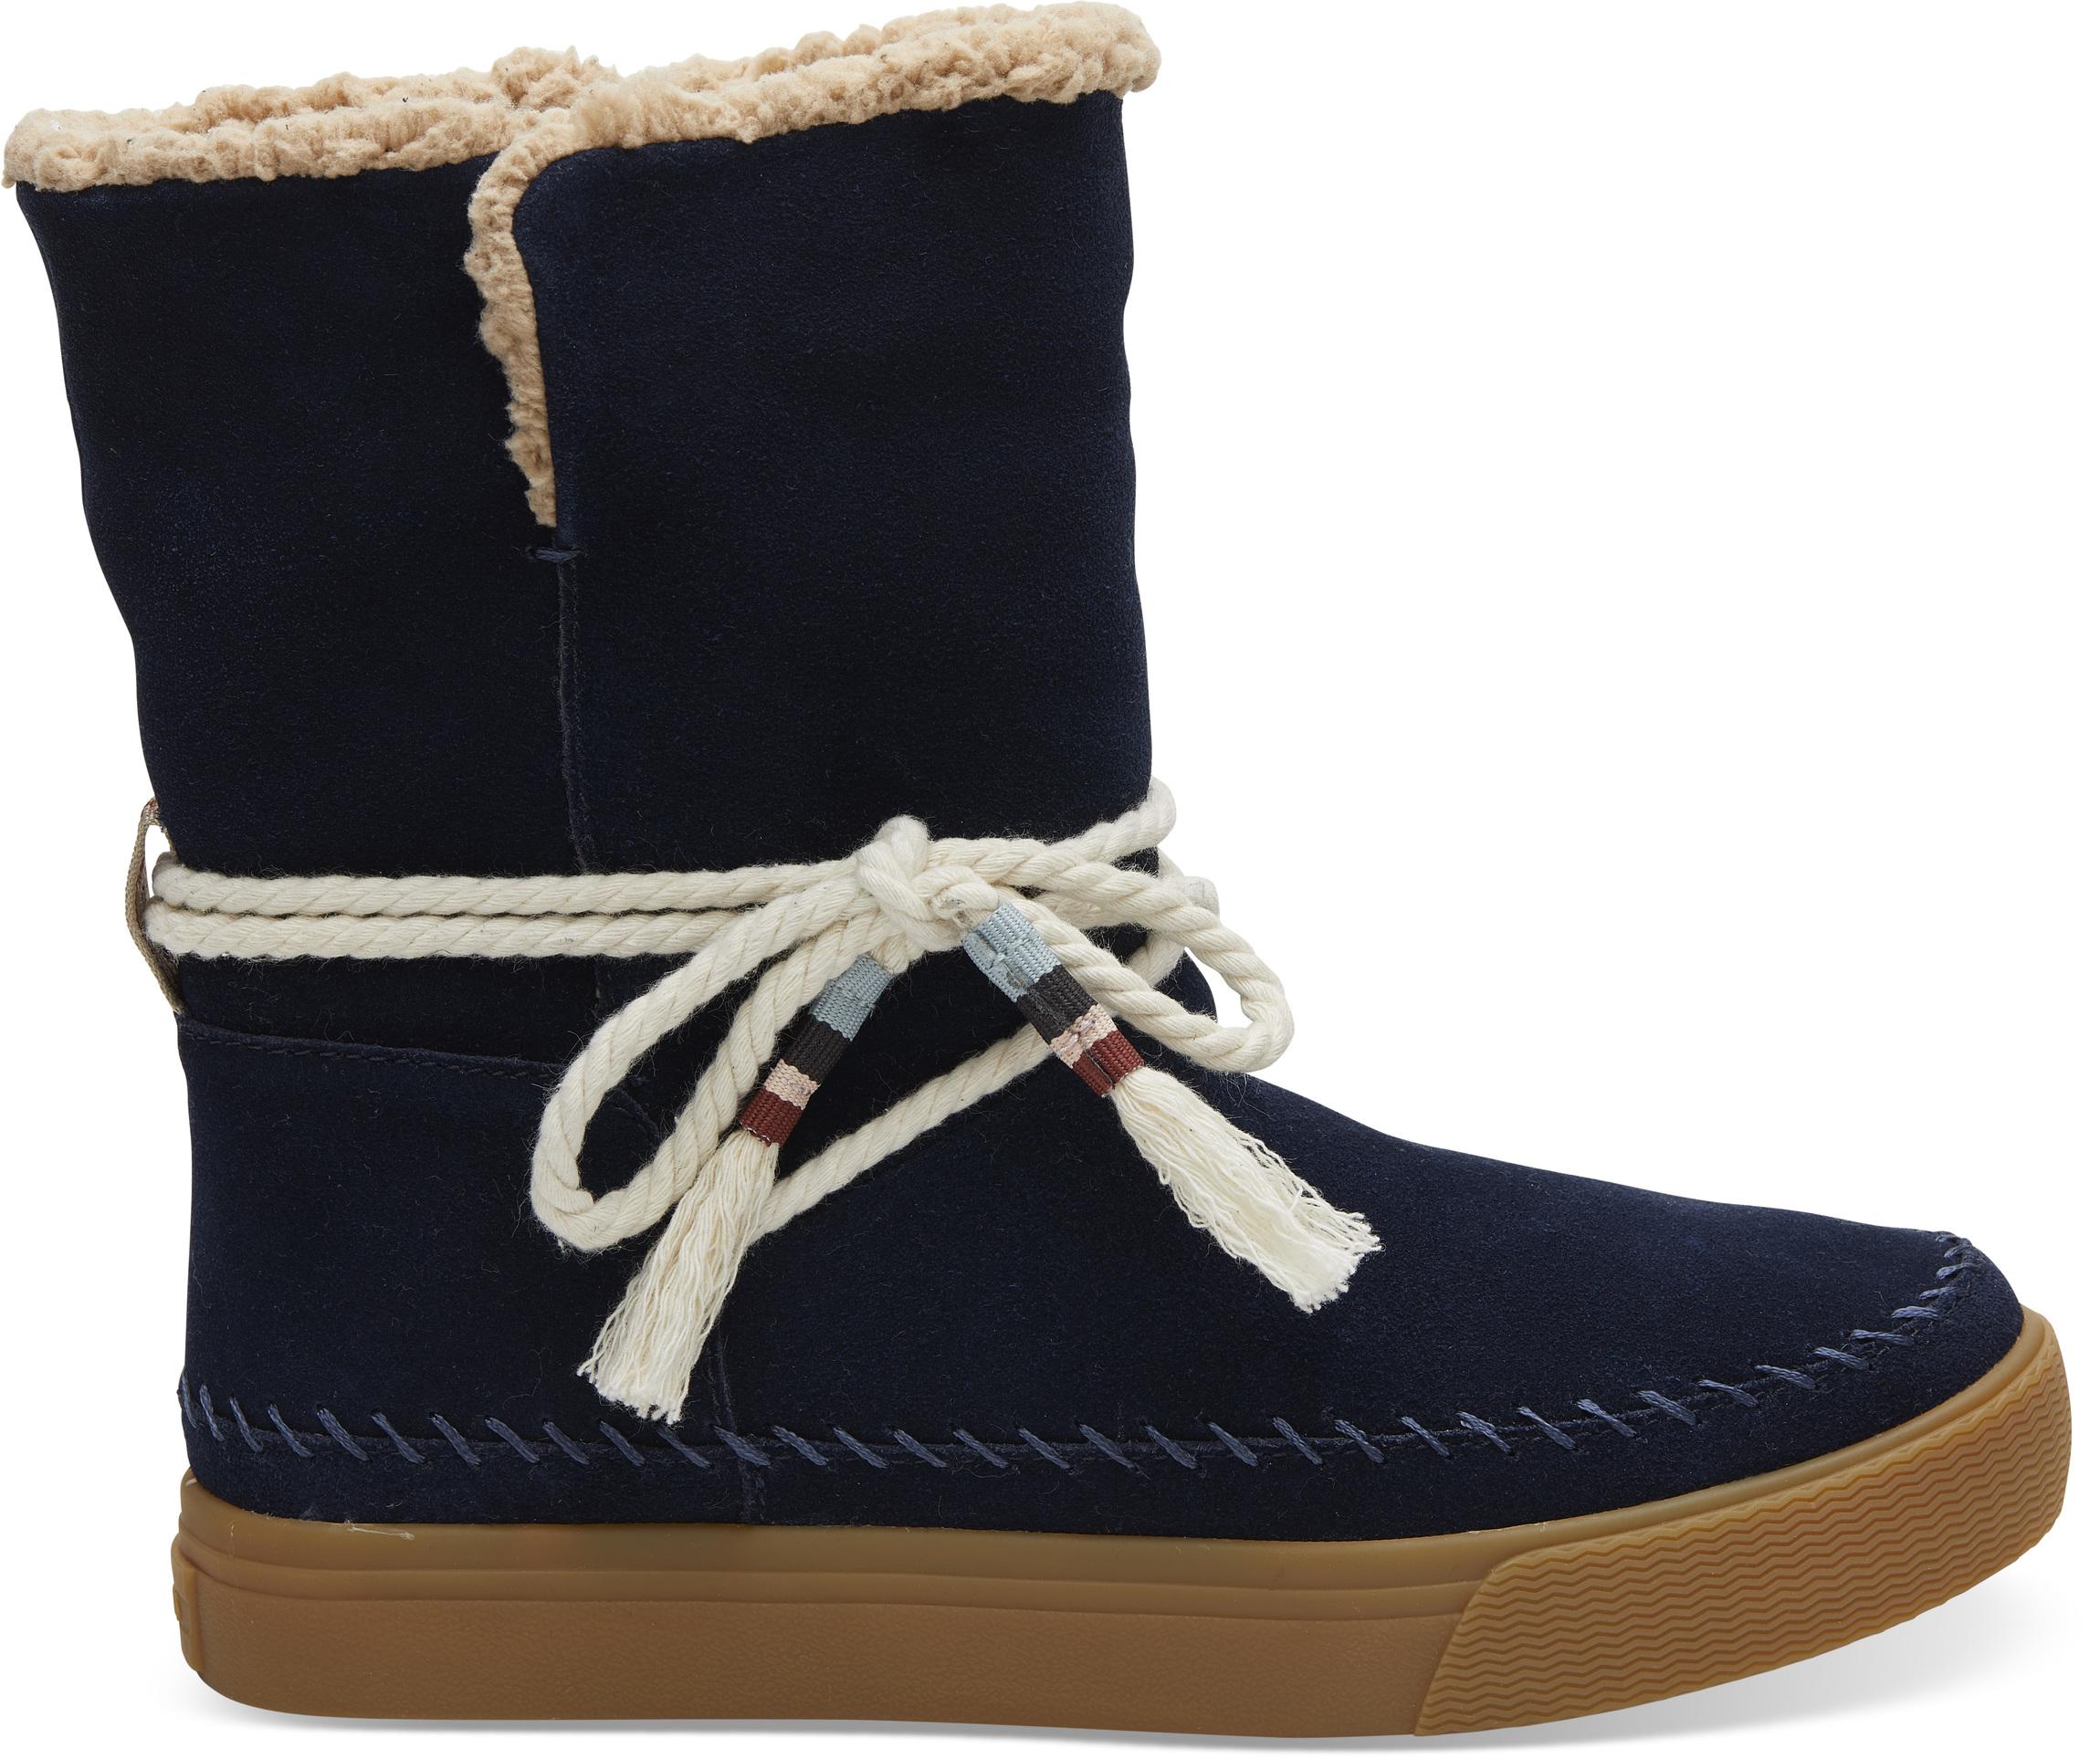 c1e7feb02f Dámske modré vysoké topánky TOMS Vista - Glami.sk